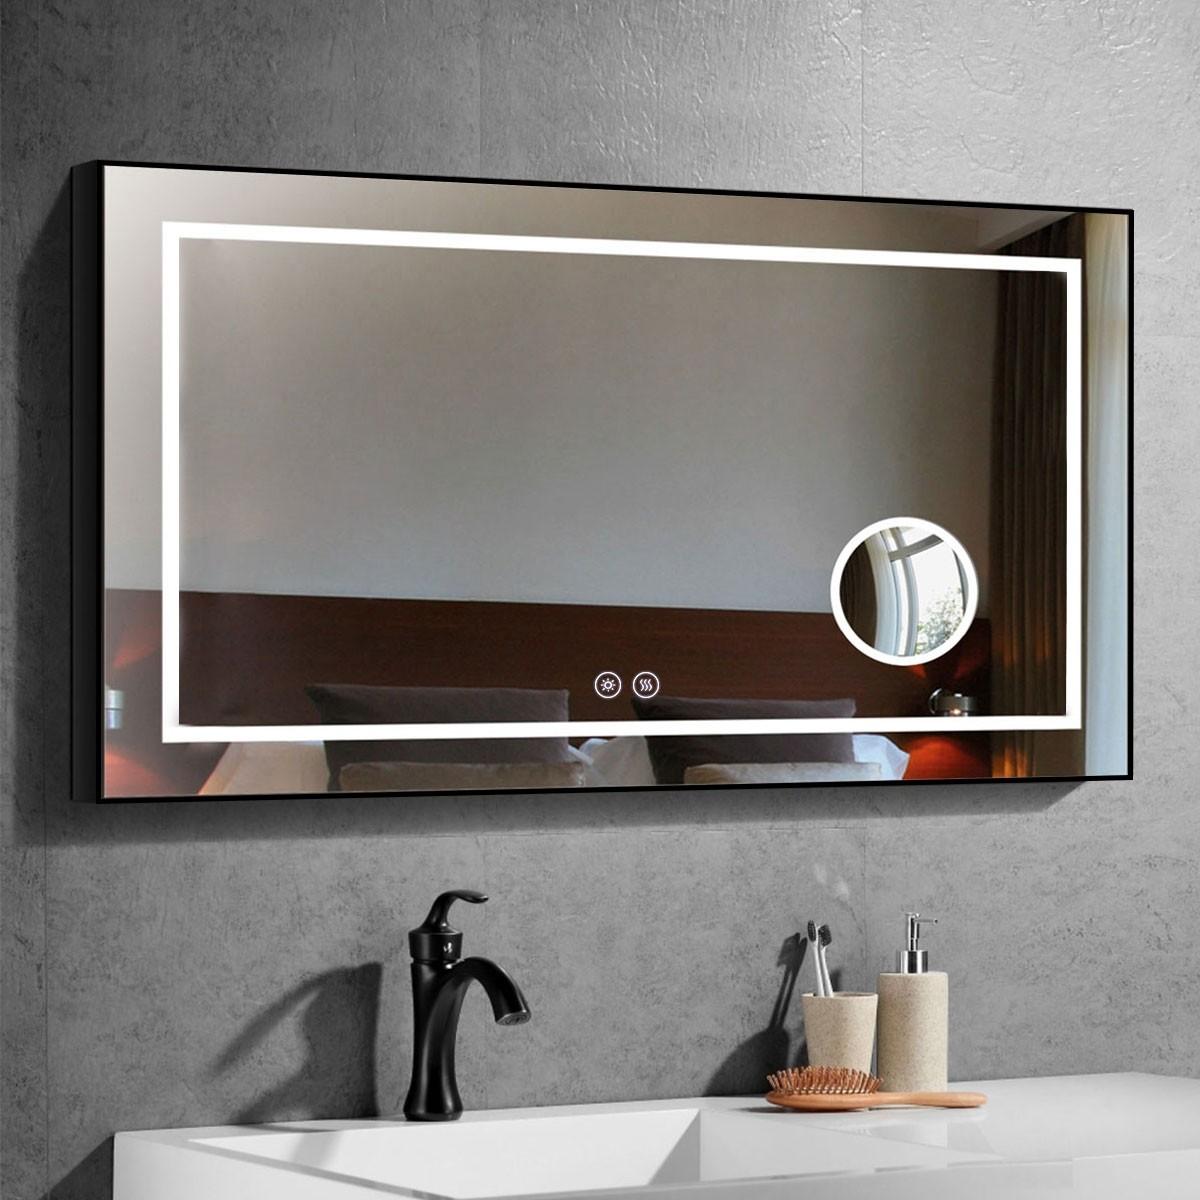 DECORAPORT 48 x 28 Po Miroir de Salle de Bain LED/Miroir Chambre avec Bouton Tactile, Loupe, Anti-Buée, Luminosité Réglable, Montage Vertical & Horizontal (D622-4828C)